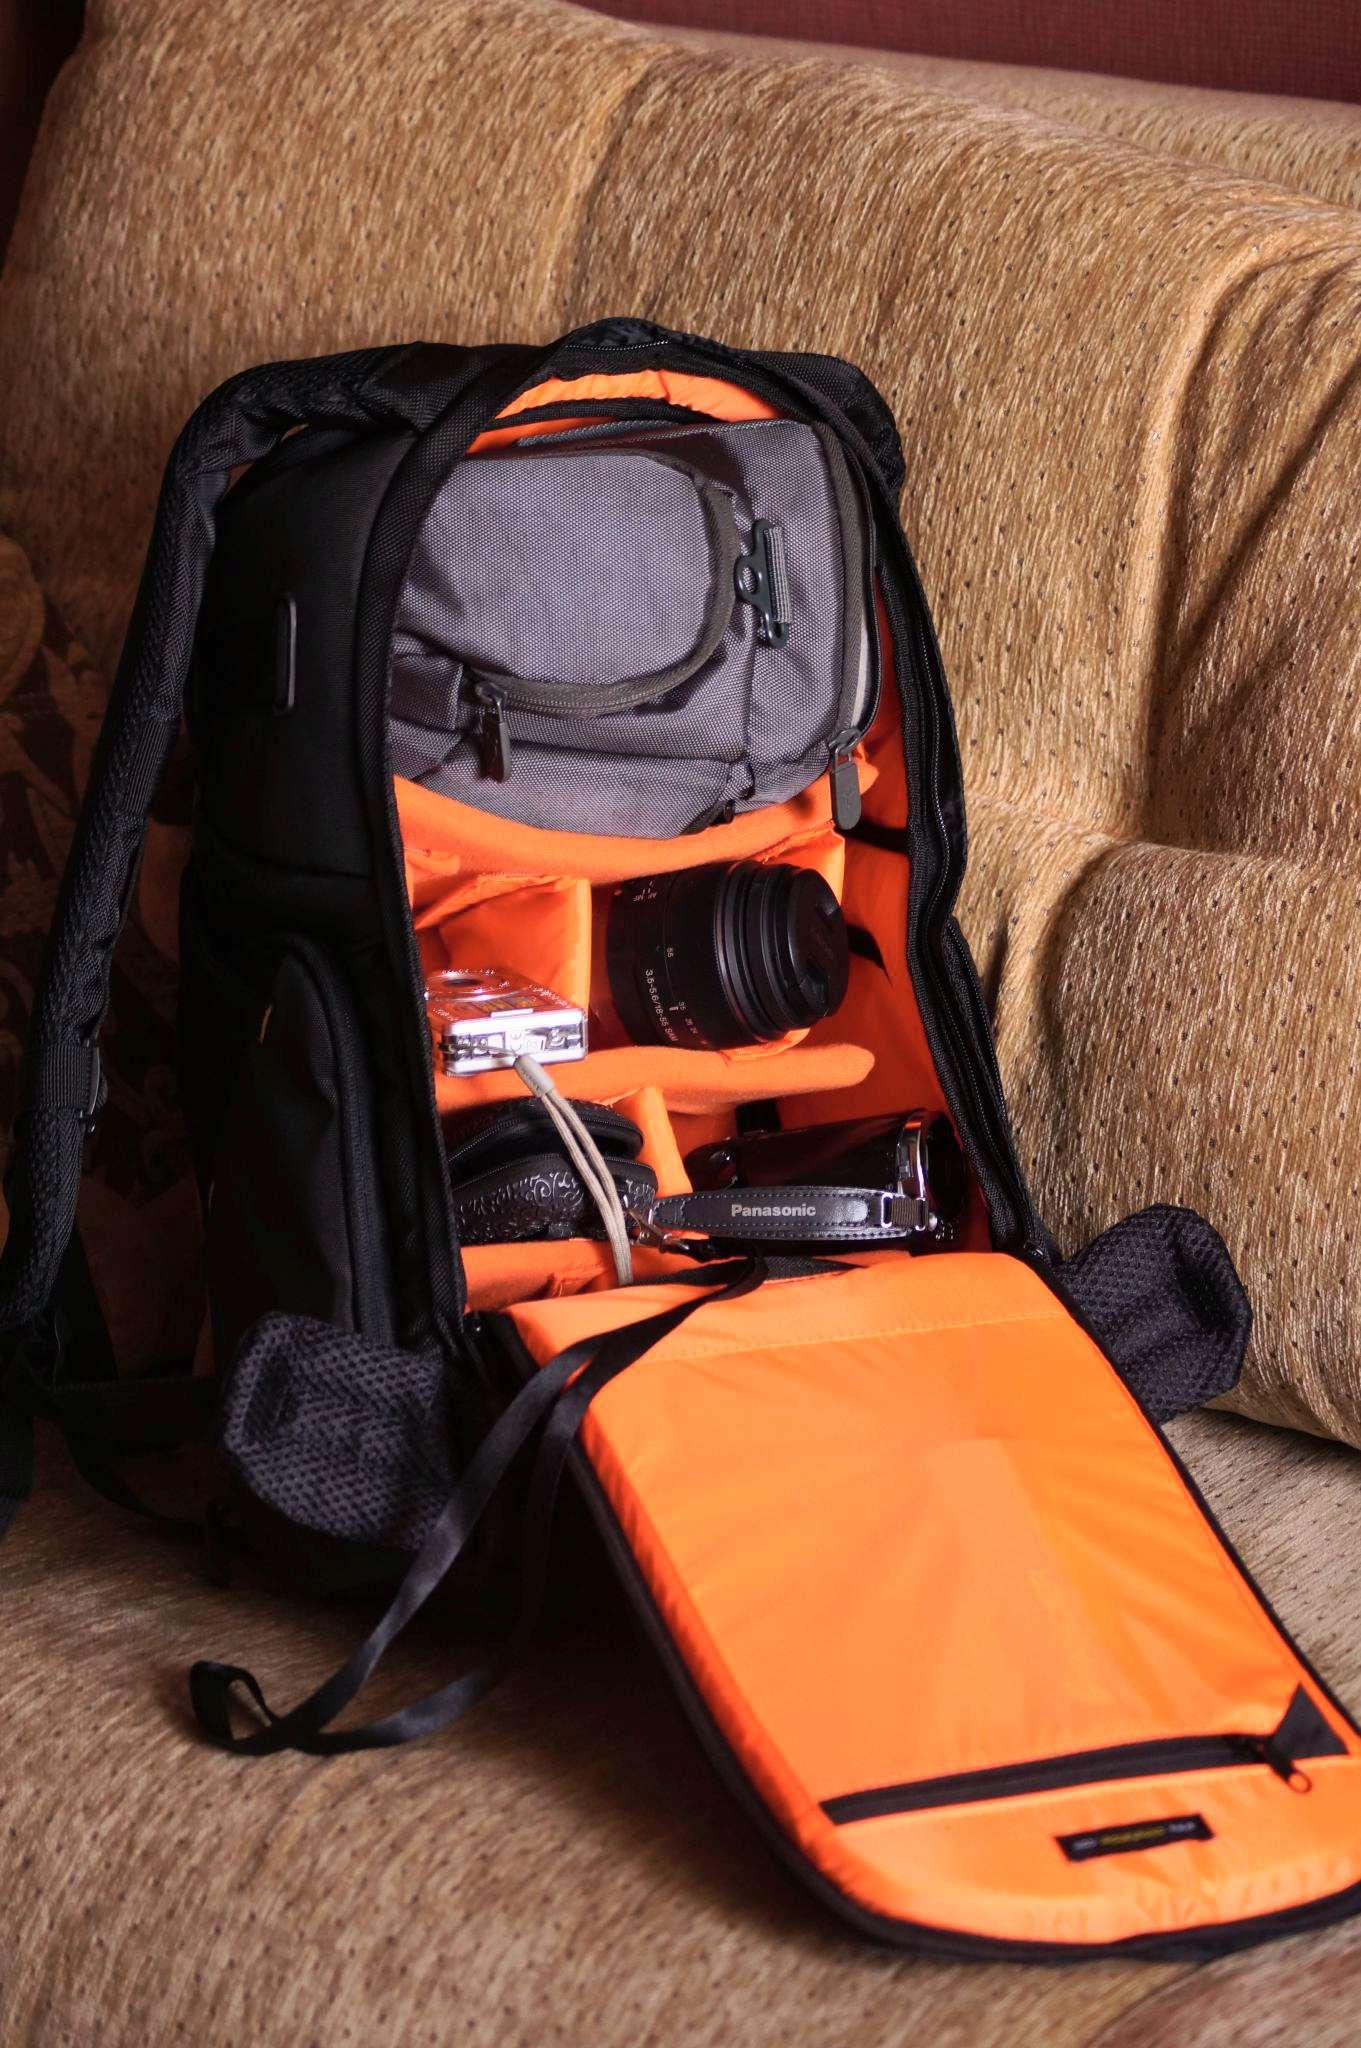 Рюкзак fancier kingkong i 30 фоторюкзак слинг рюкзака